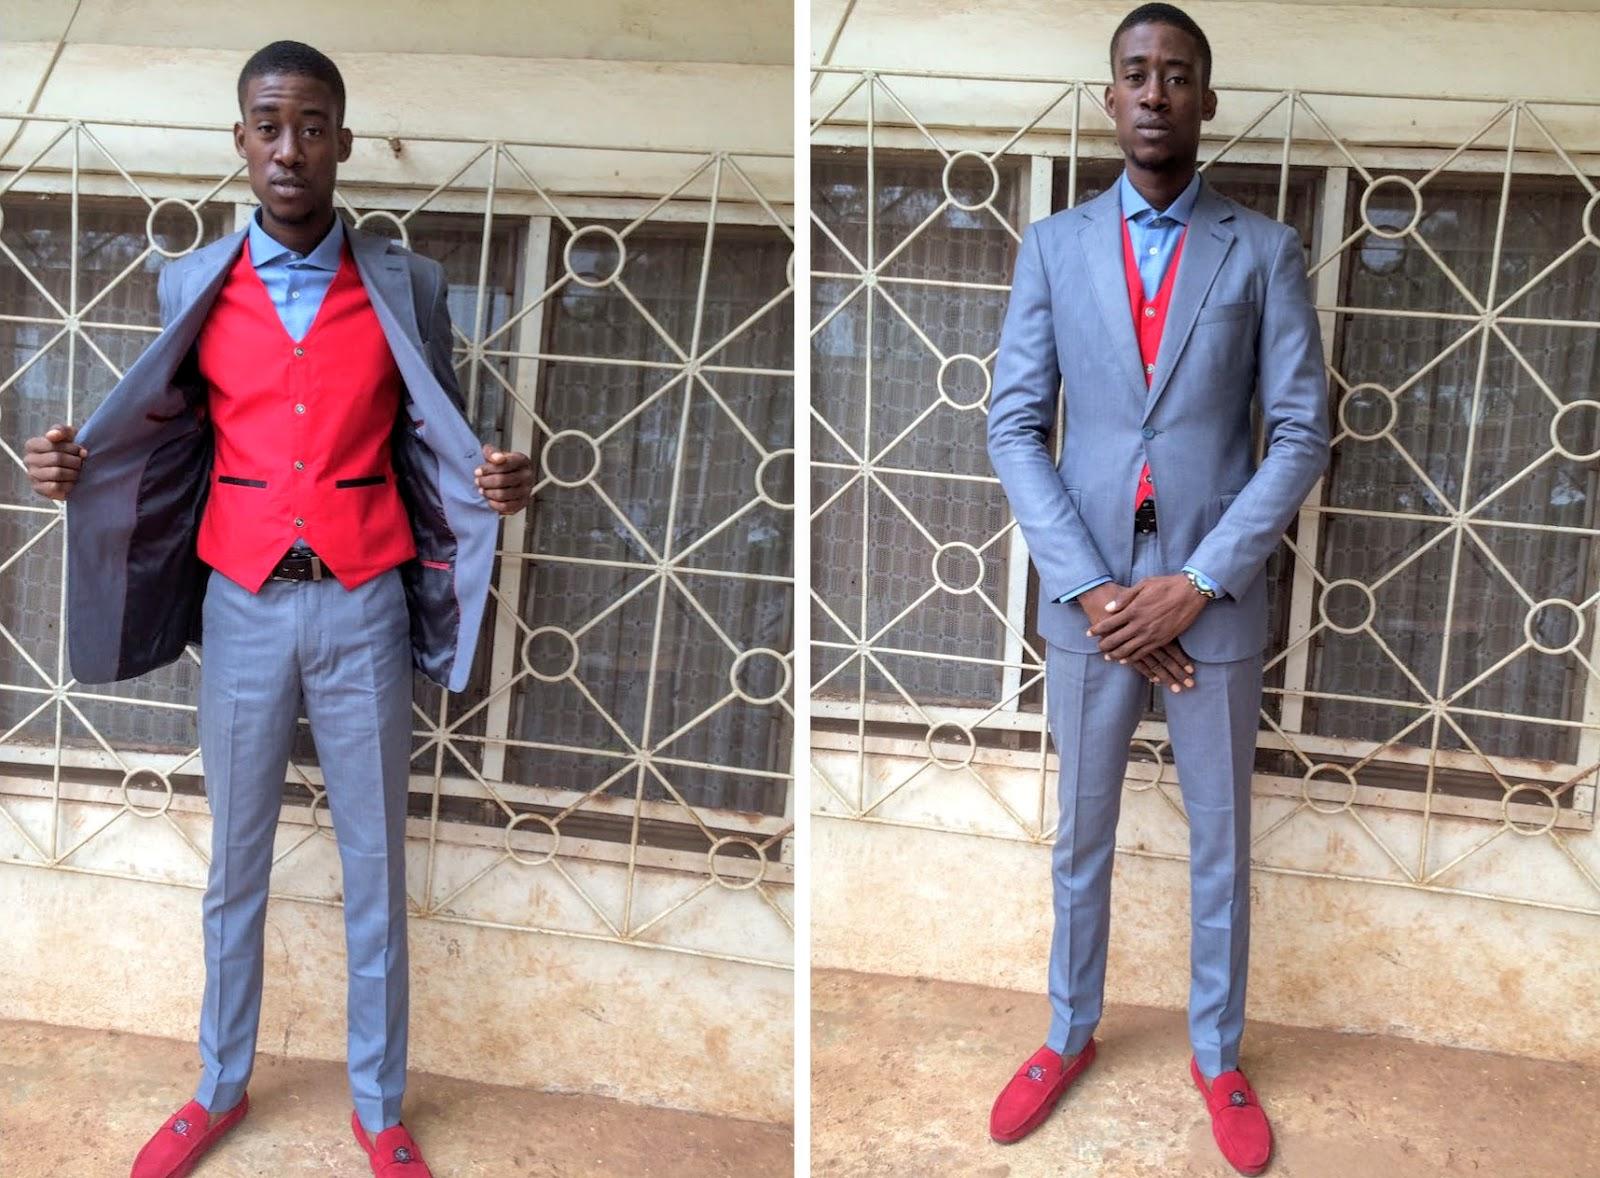 Naidja suit for men